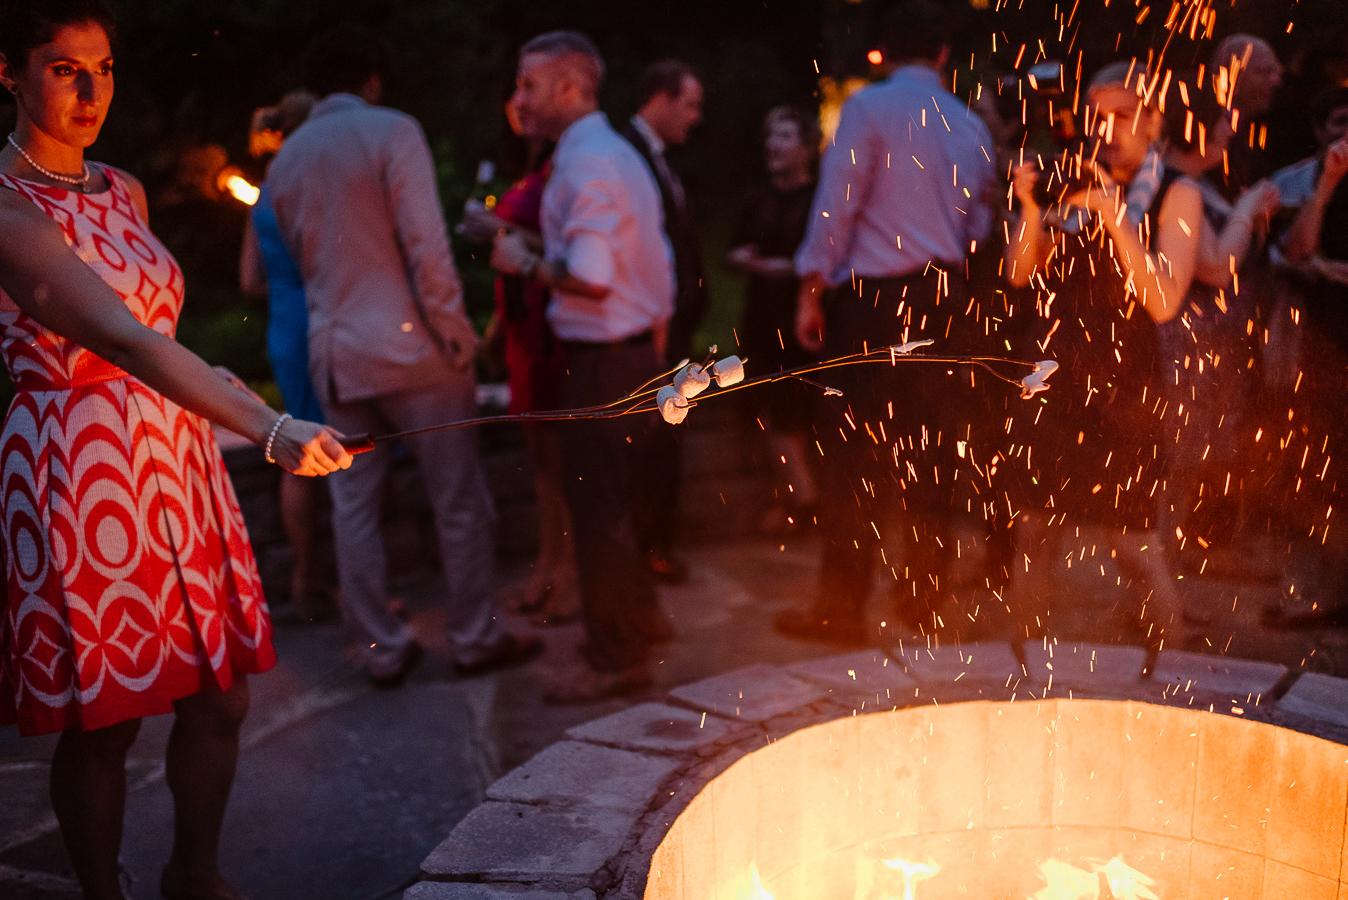 Stylish Crossed Keys Inn Wedding Crossed Keys Wedding Crossed Keys Inn Andover NJ Longbrook Photography-88.jpg